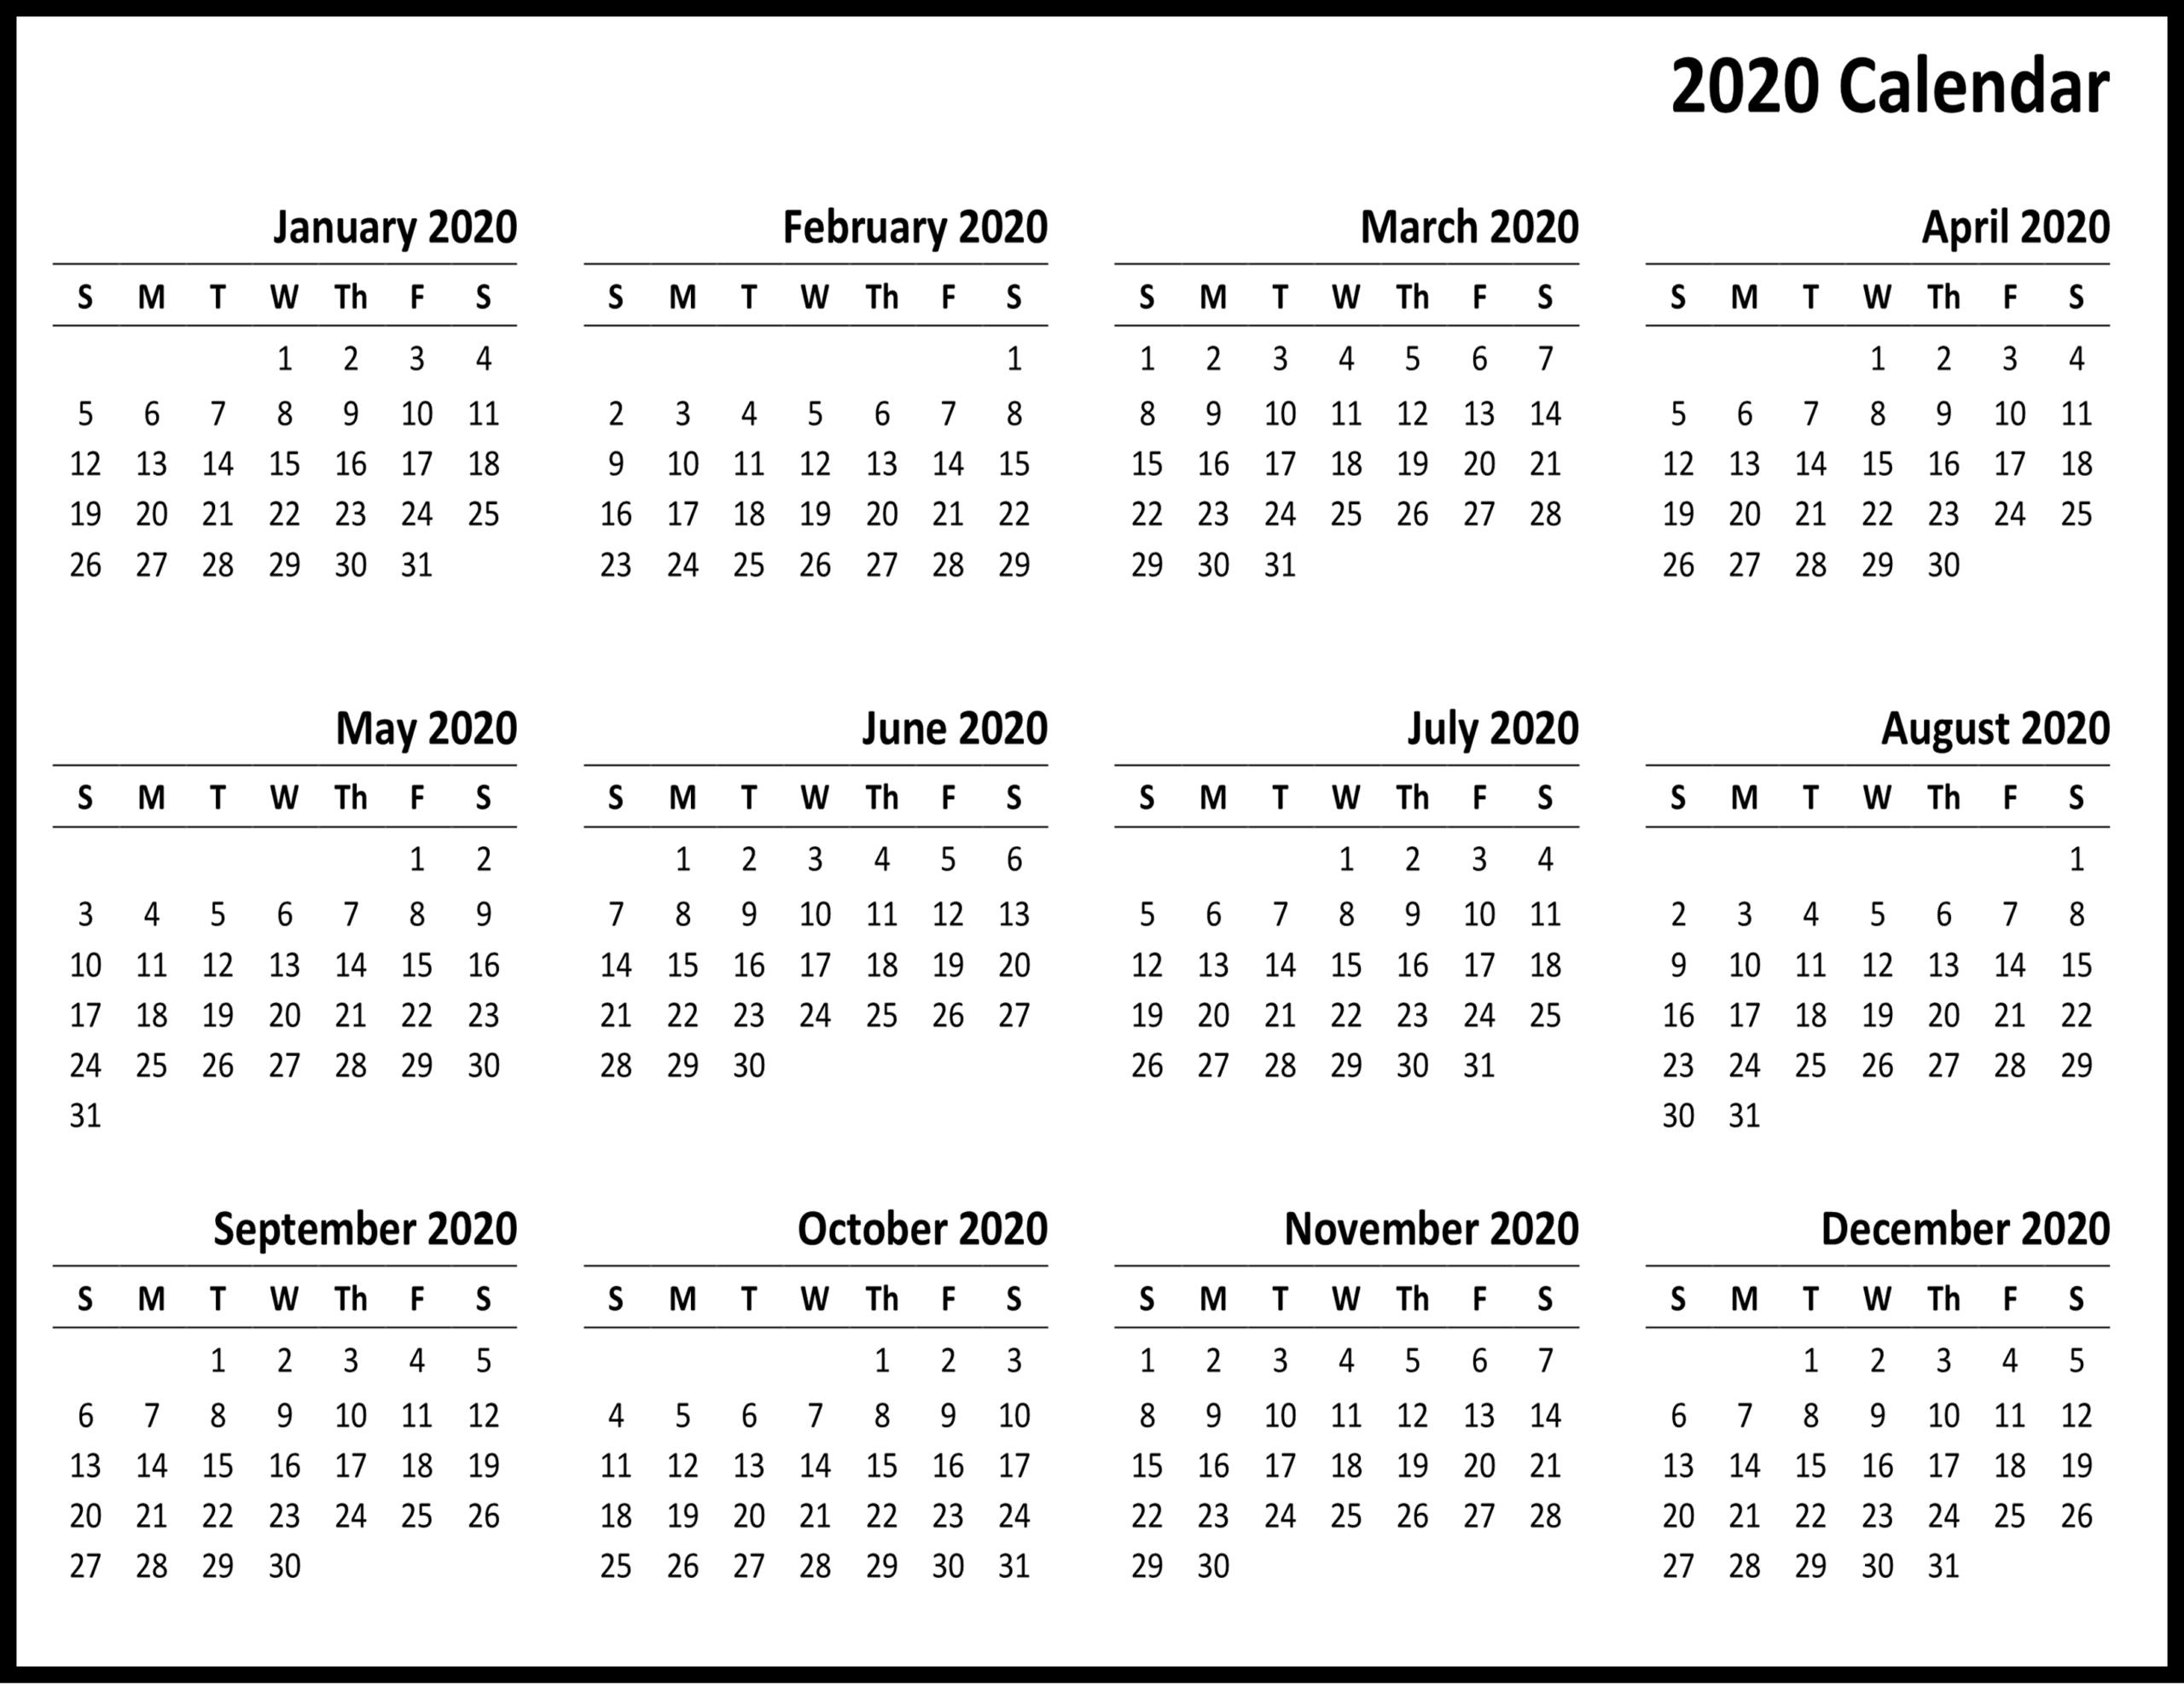 Sunday Thru Saturday Blank Calendar | Calendar Printables Free Blank regarding Sunday Thru Saturday Calendar